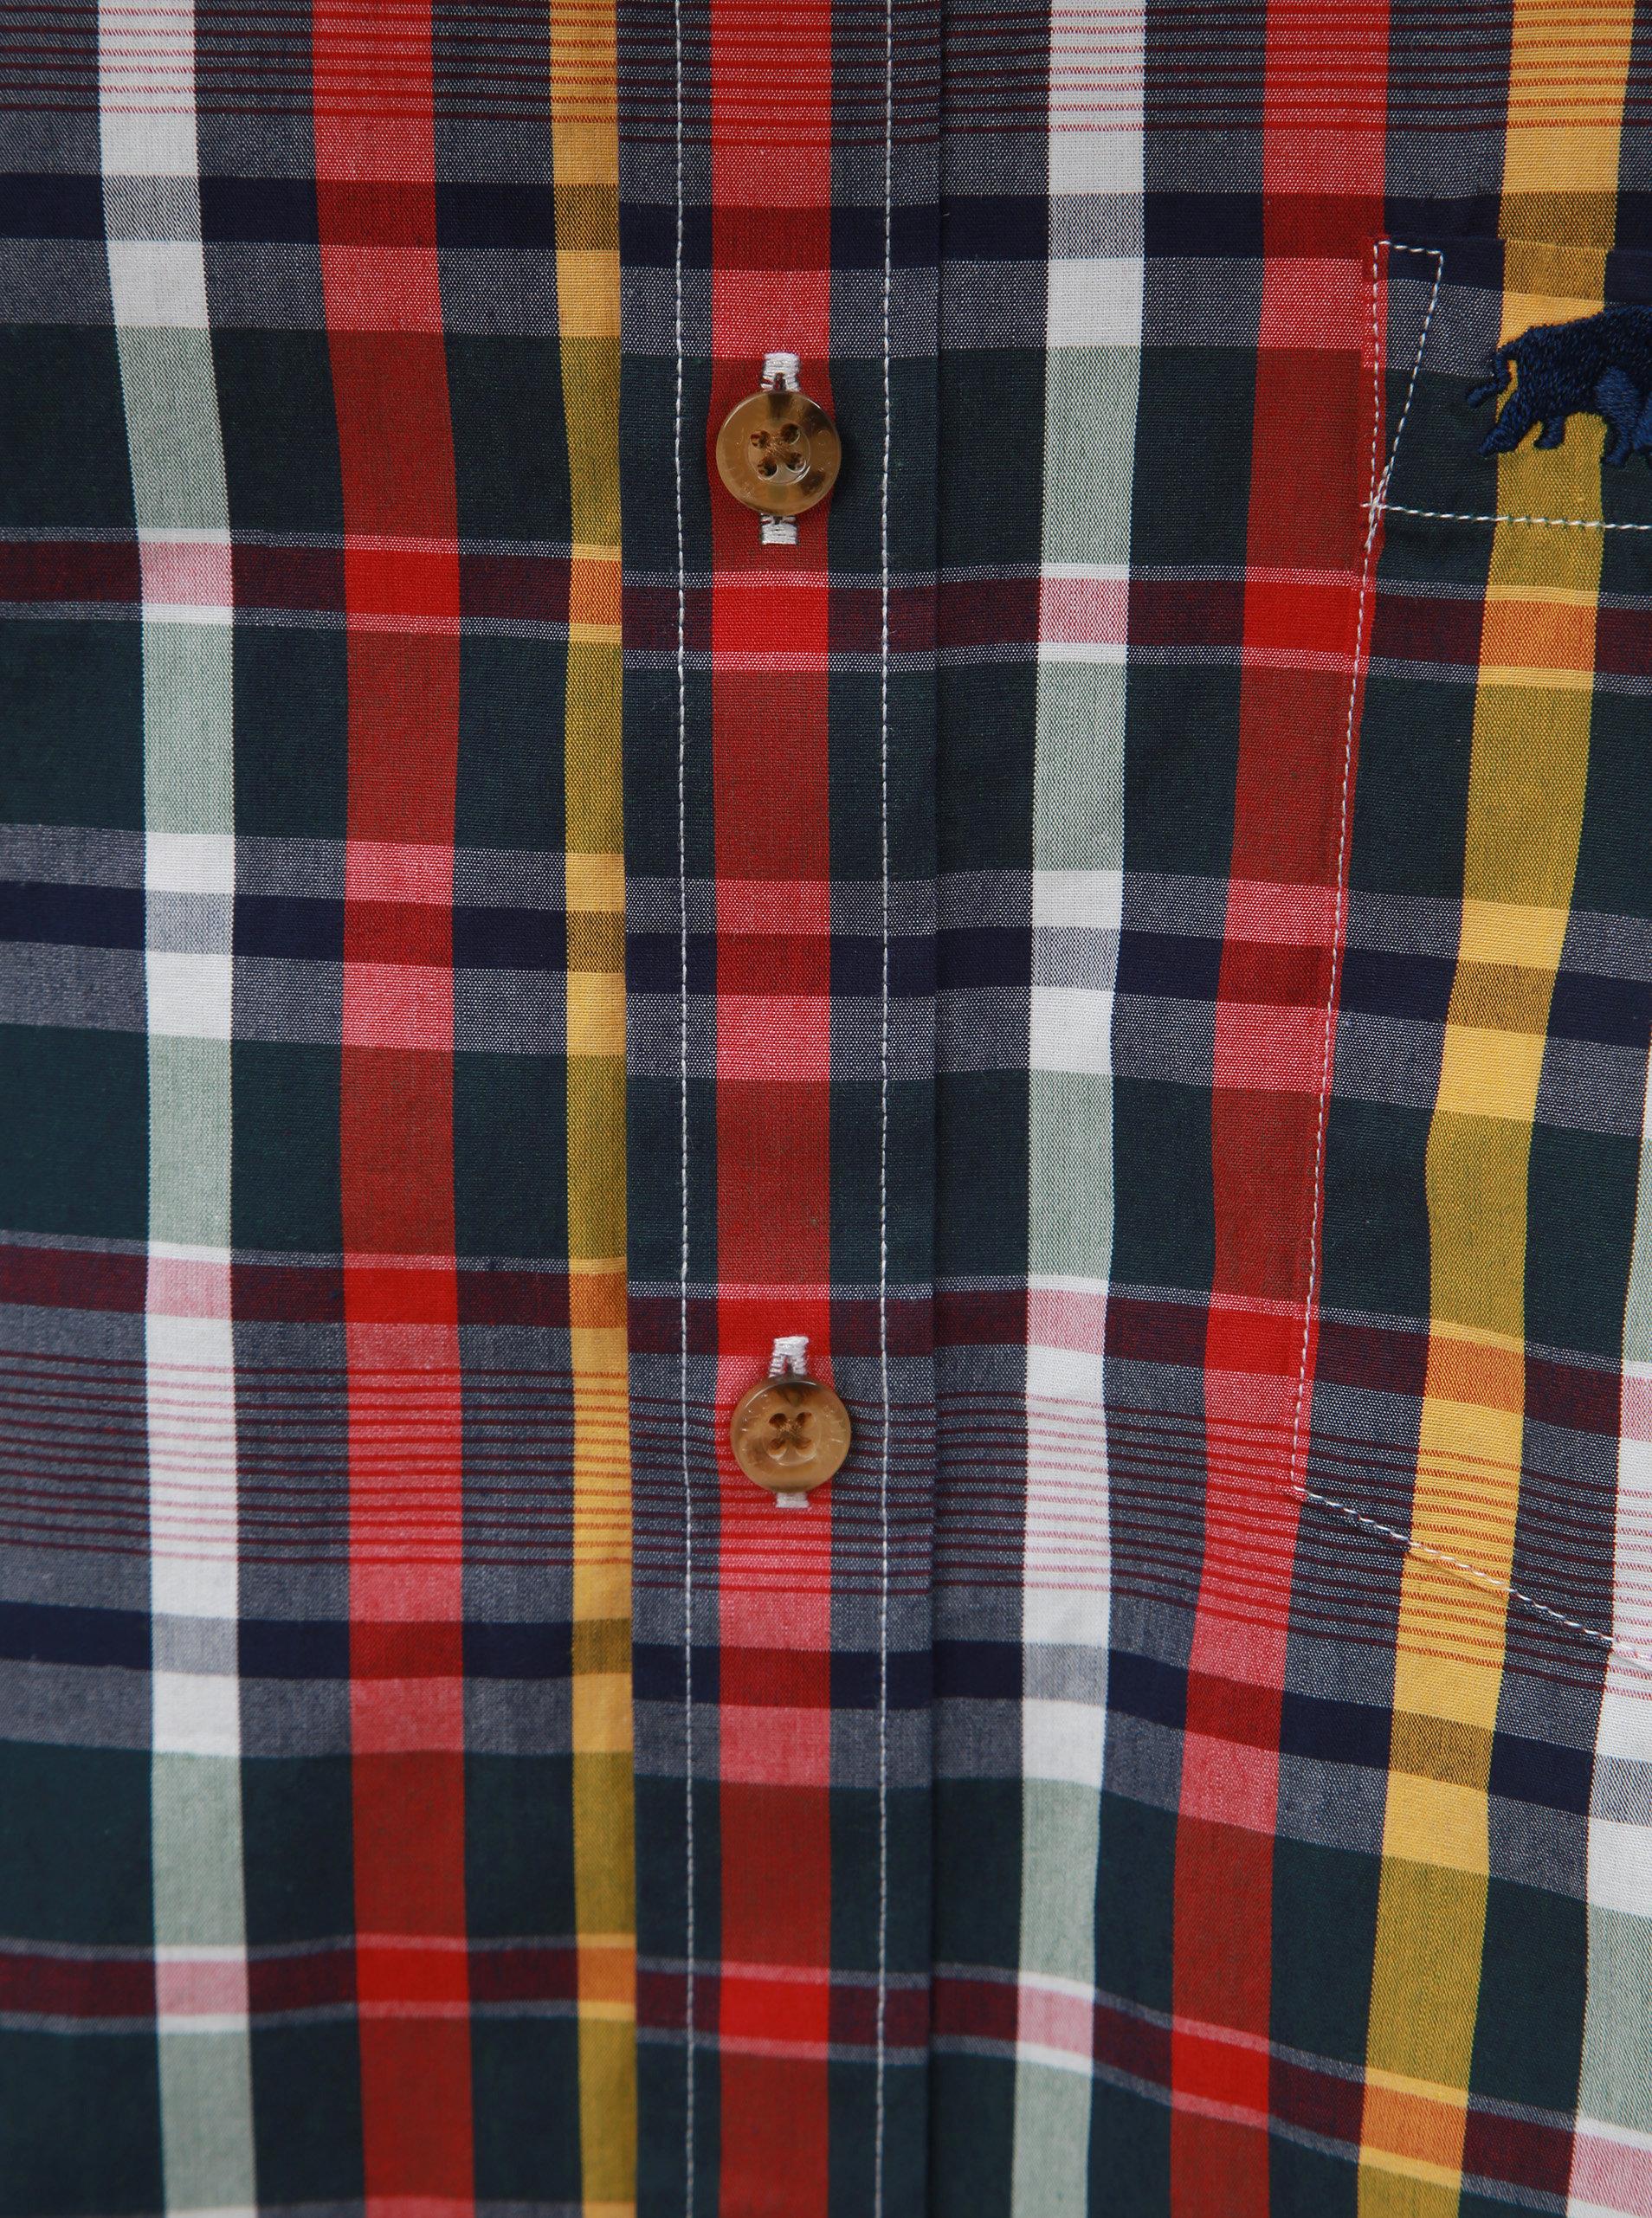 bfbd6709d97 Modro-červená kostkovaná košile s dlouhým rukávem Raging Bull ...